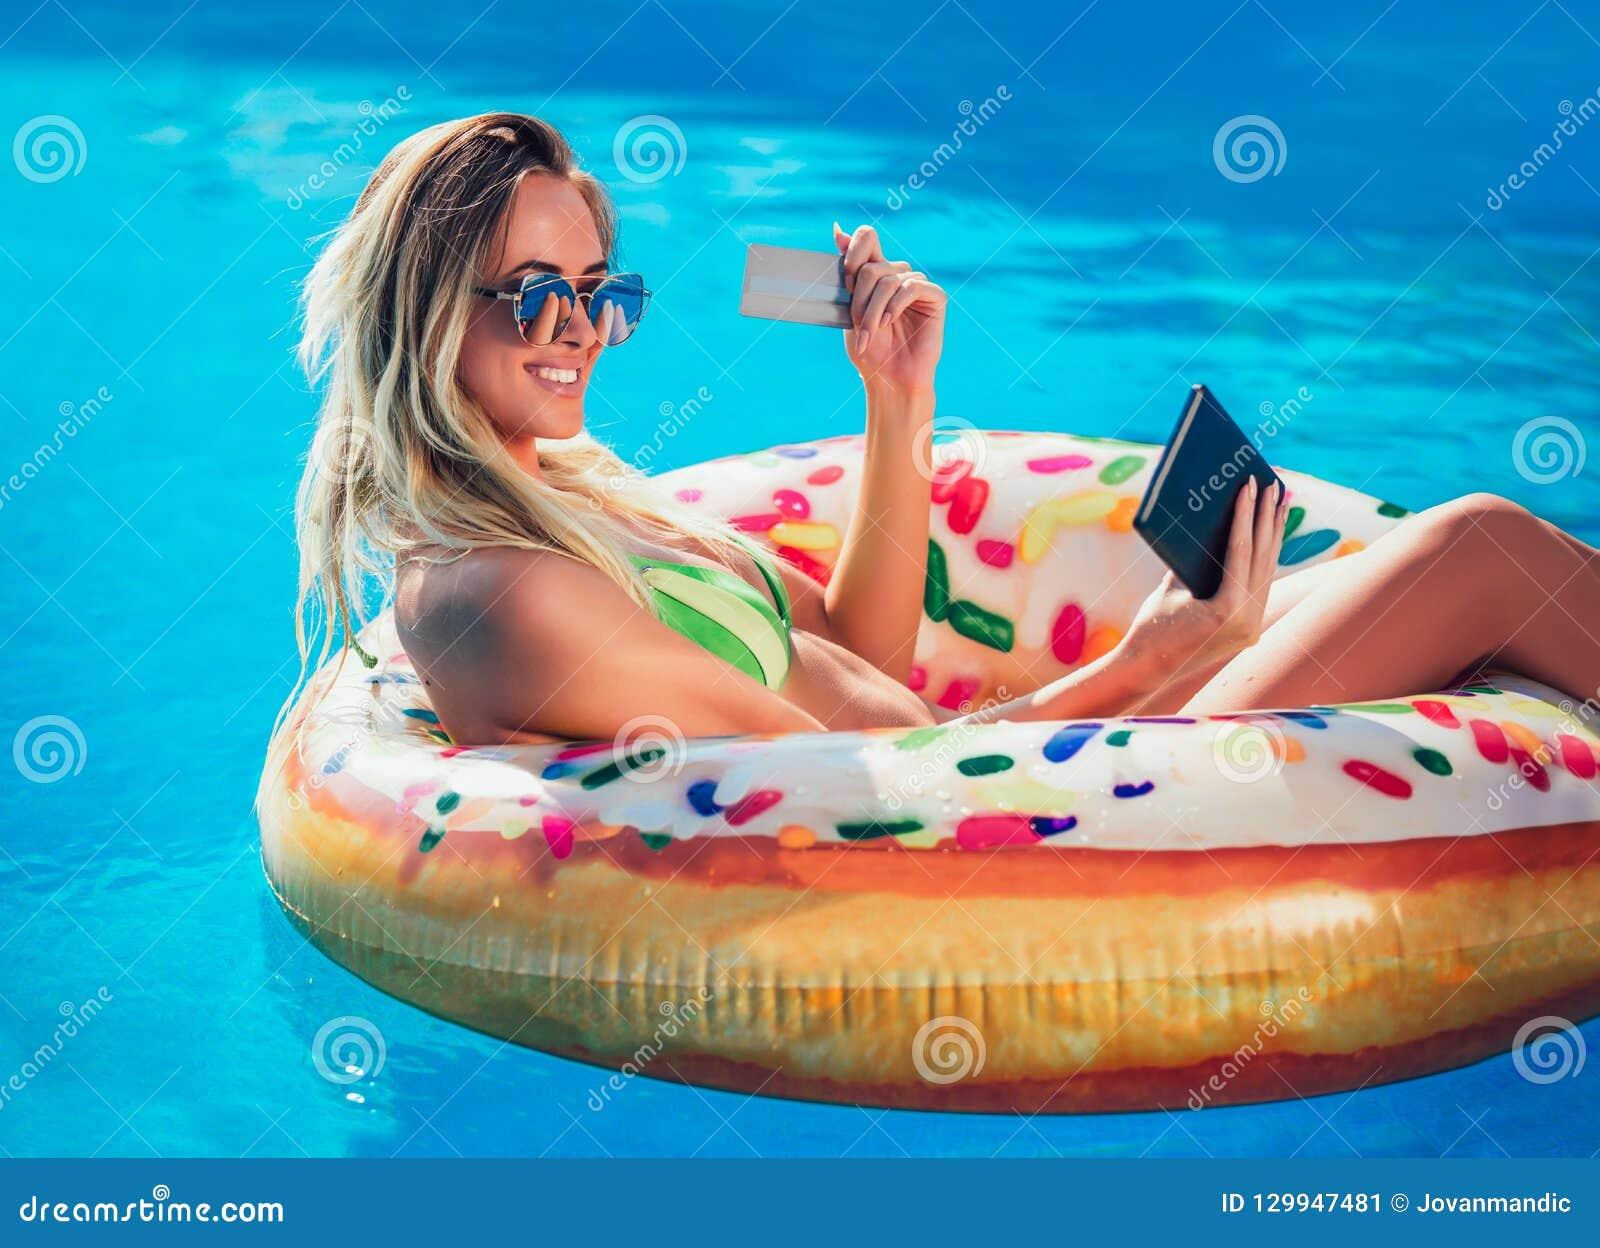 Mulher do bronzeado de Njoying no biquini no colchão inflável na piscina que usa o cartão digital da tabuleta e de crédito